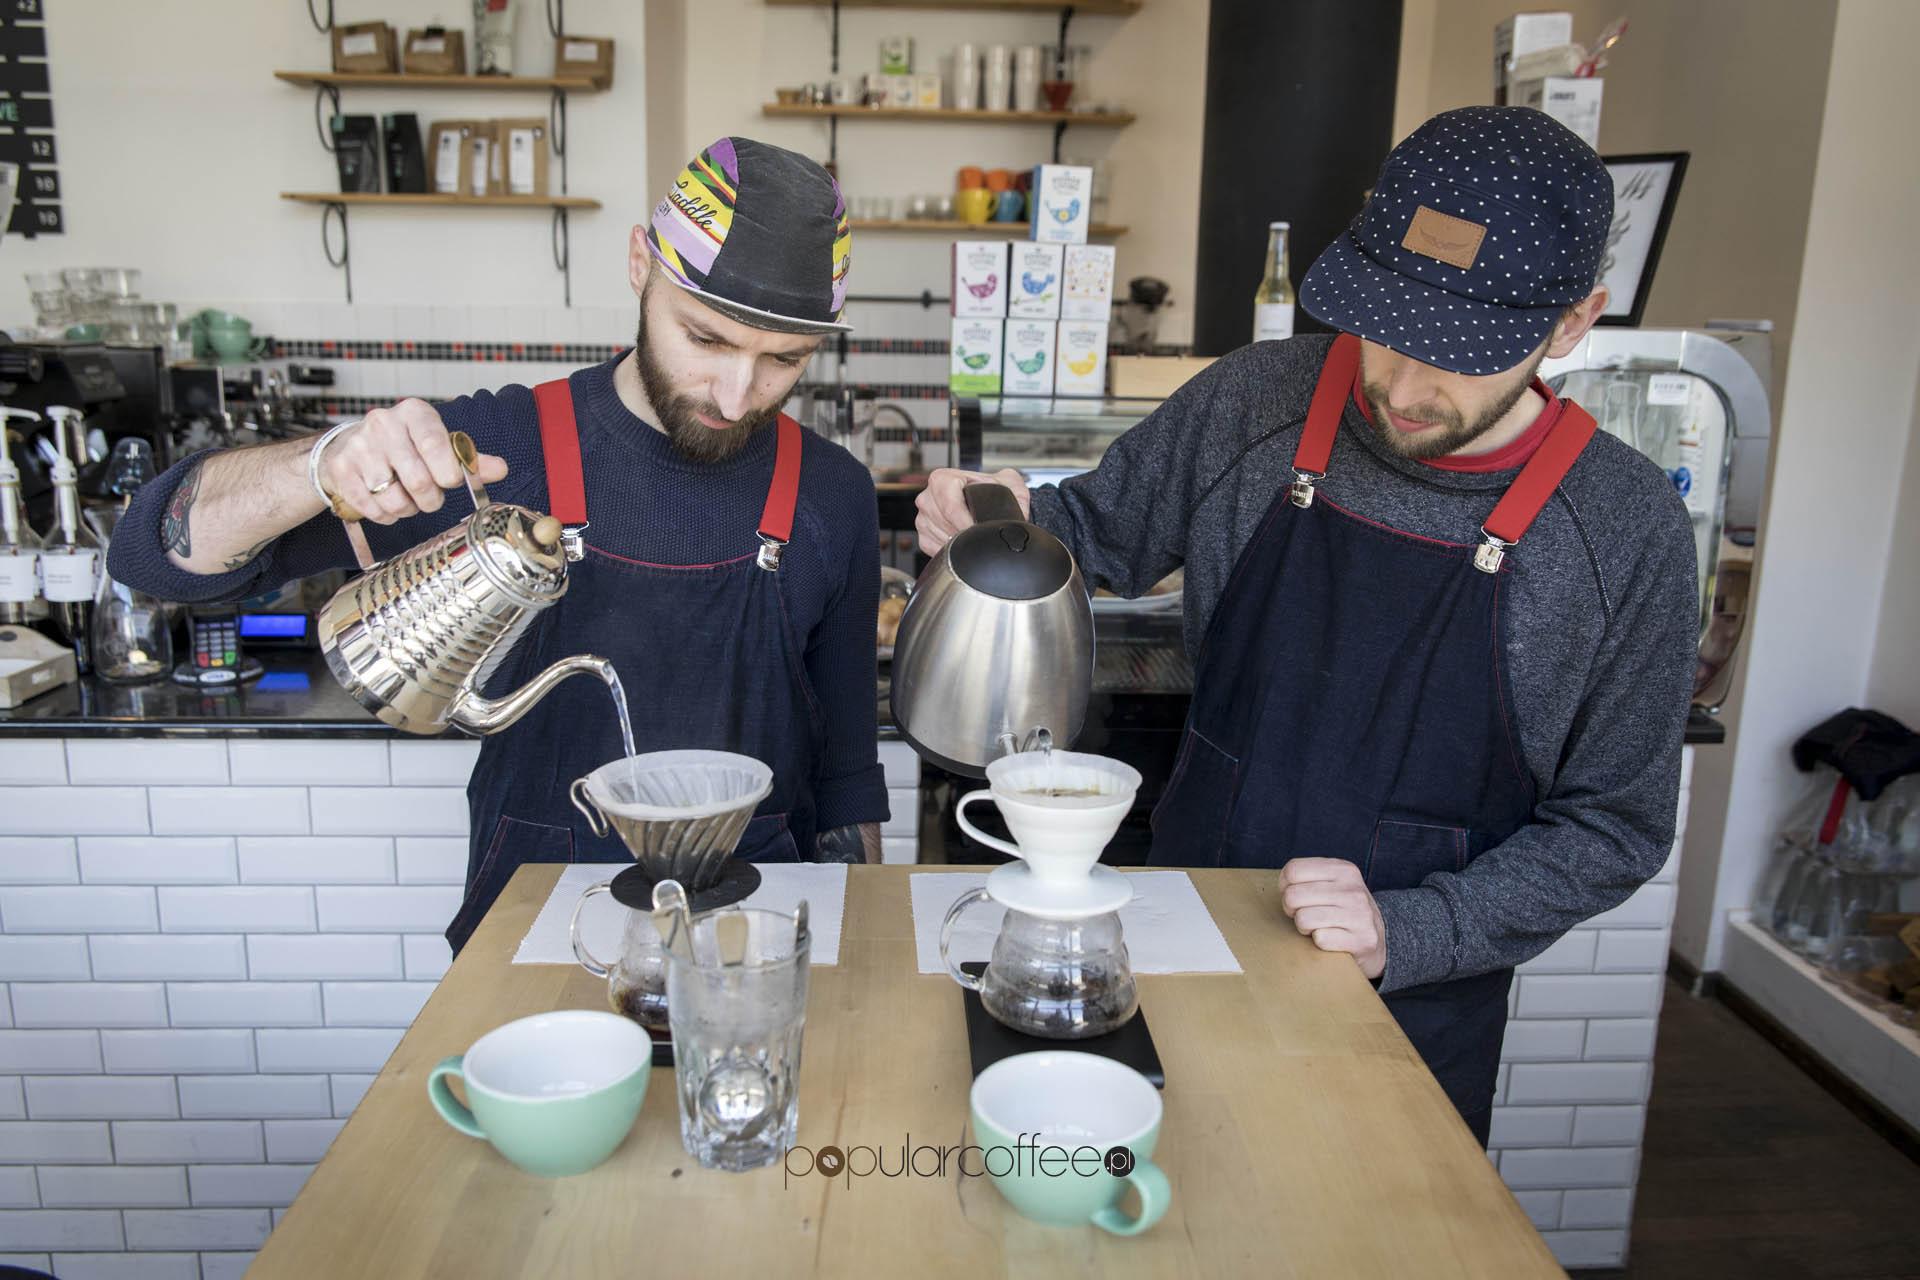 kap kap cafe lublin